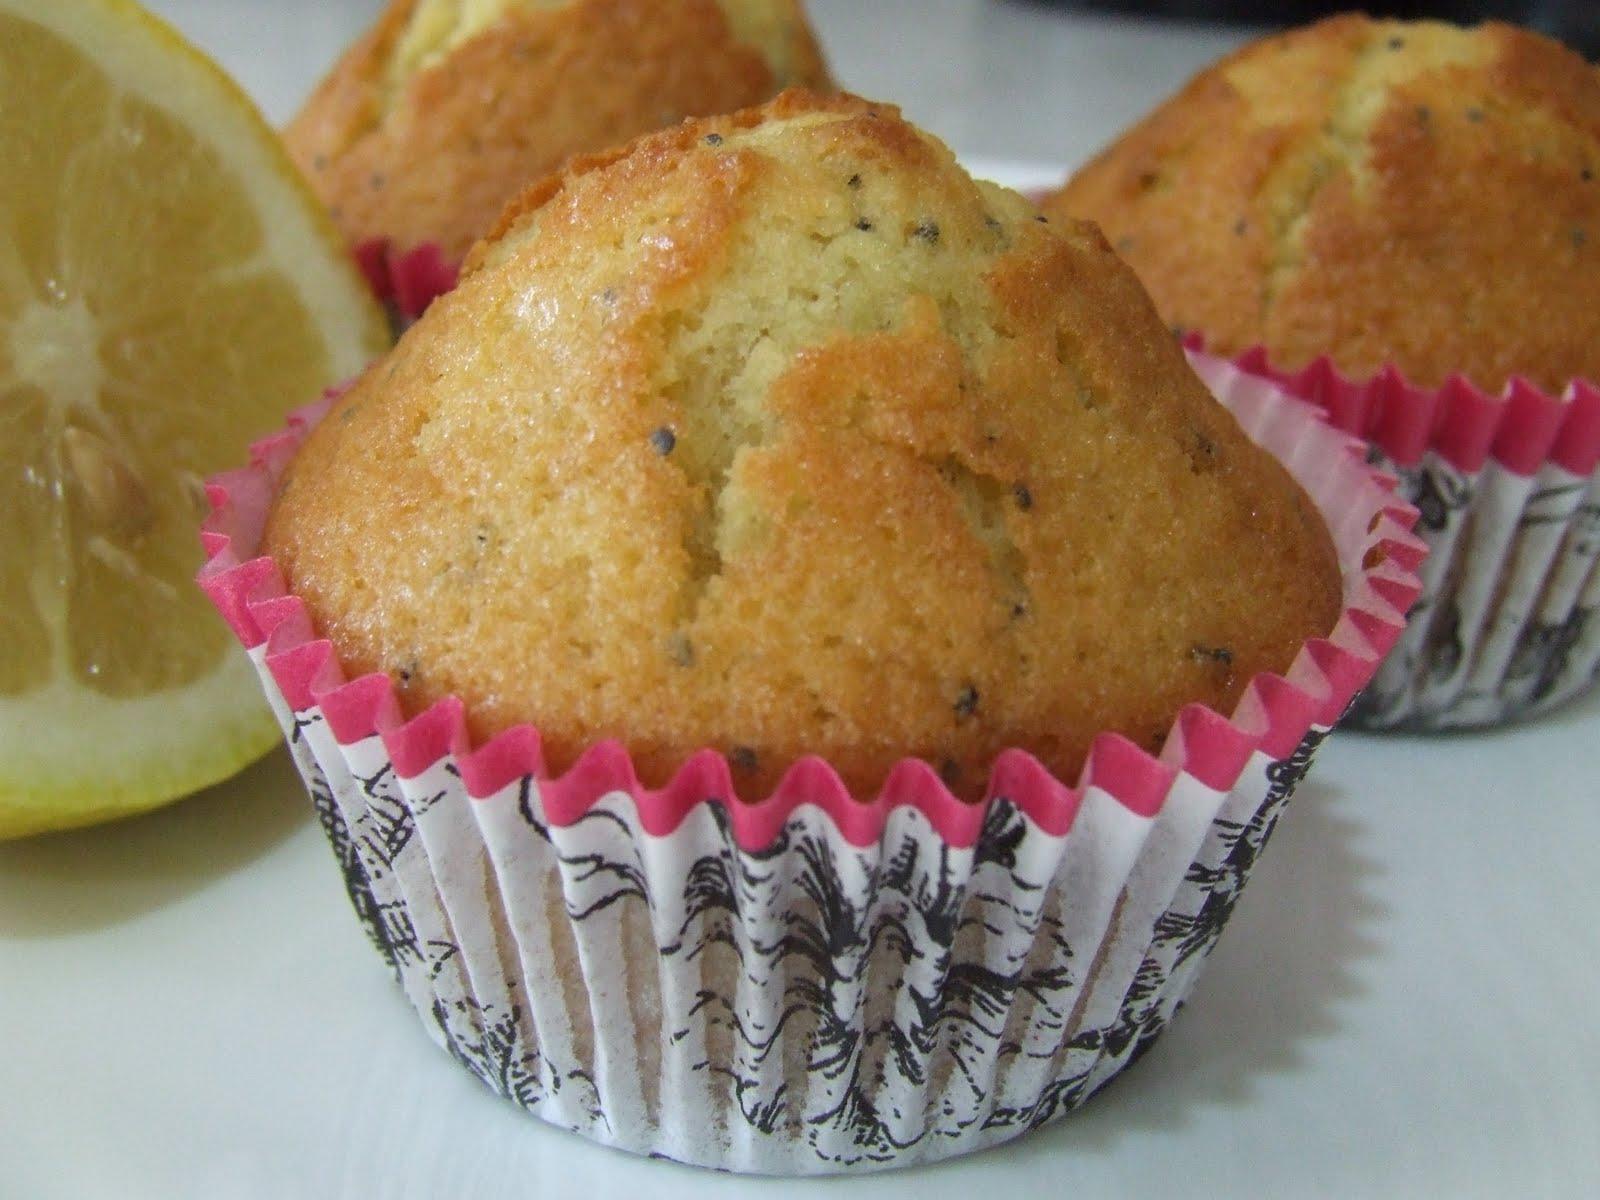 lemon+poppyseed+muffins+003.jpg